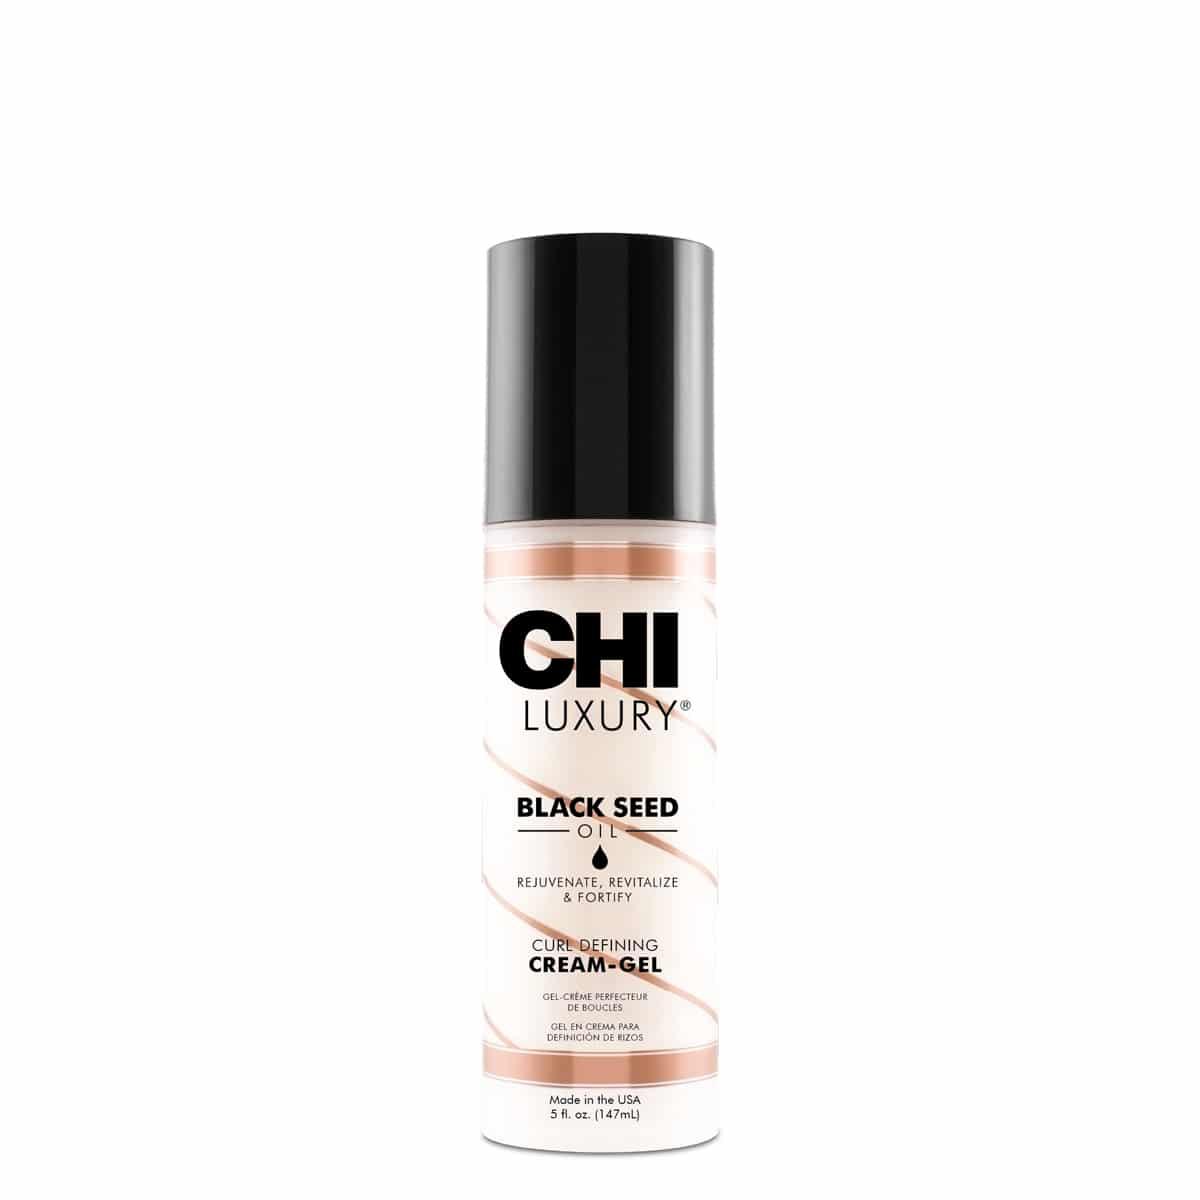 CHI Luxury Black Seed Oil Curl Defining Cream Gel - tužiaci tvarovací krémový gél na kučeravé vlasy, 148 ml